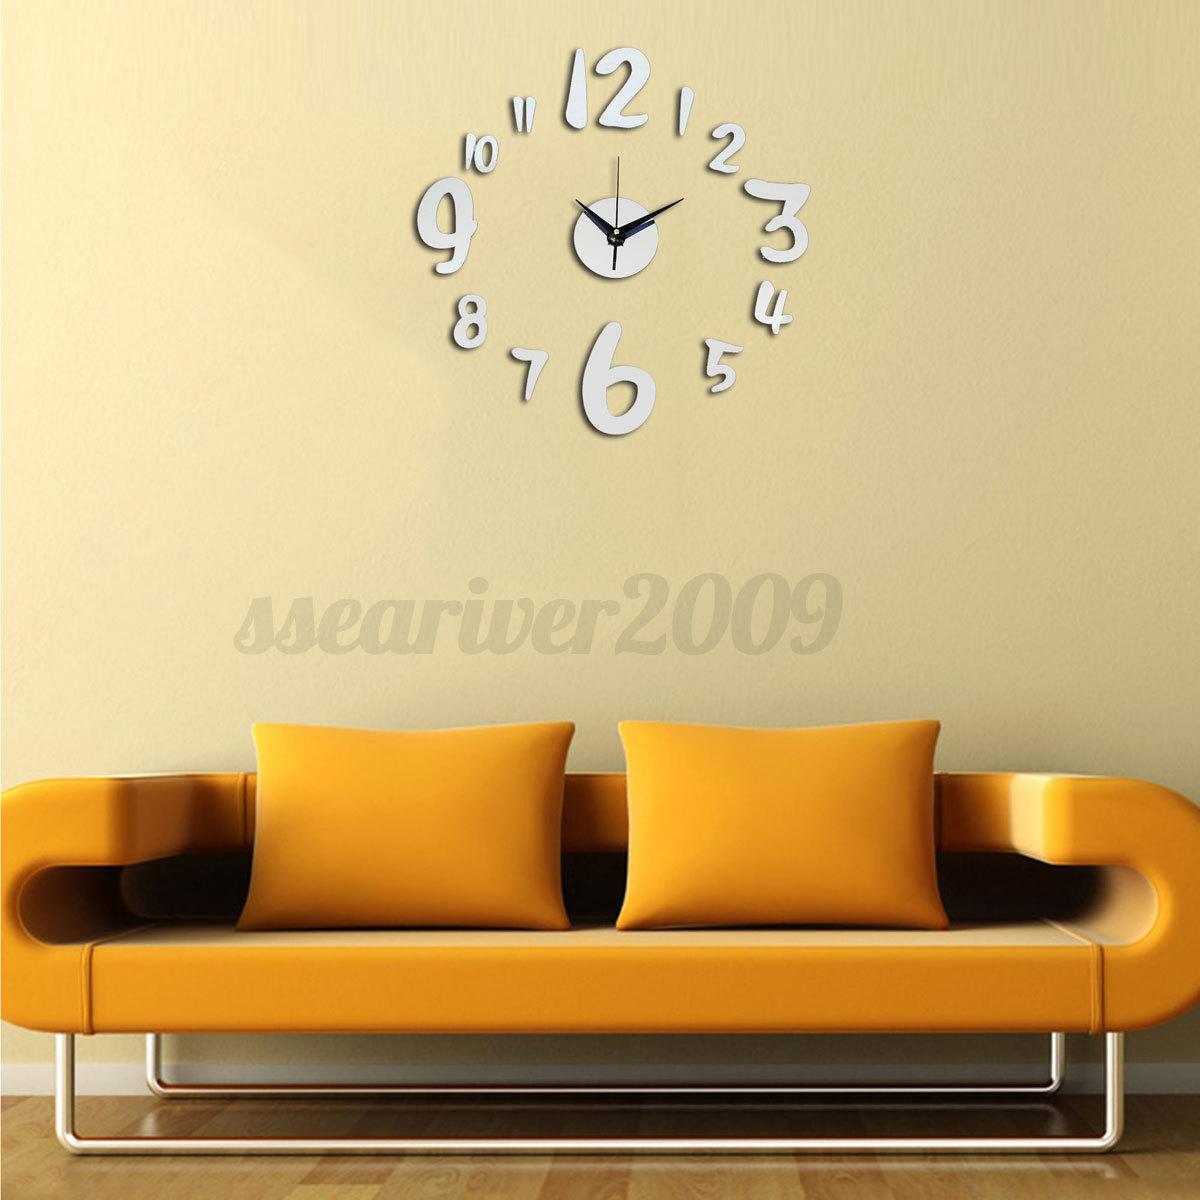 DIY-3D-Horloge-Murale-Mirror-Moderne-Autocollant-Sticker-Art-Decor-Maison-Salon